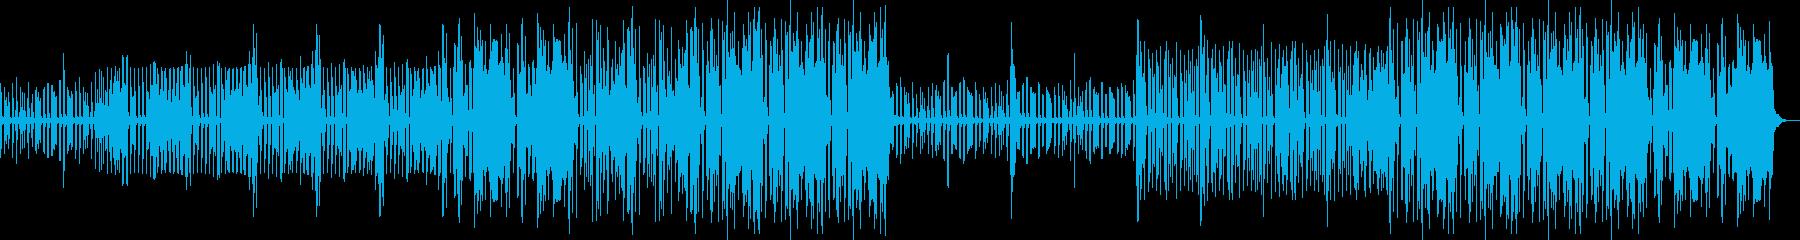 プログレッシブ 交響曲 トラップ ...の再生済みの波形